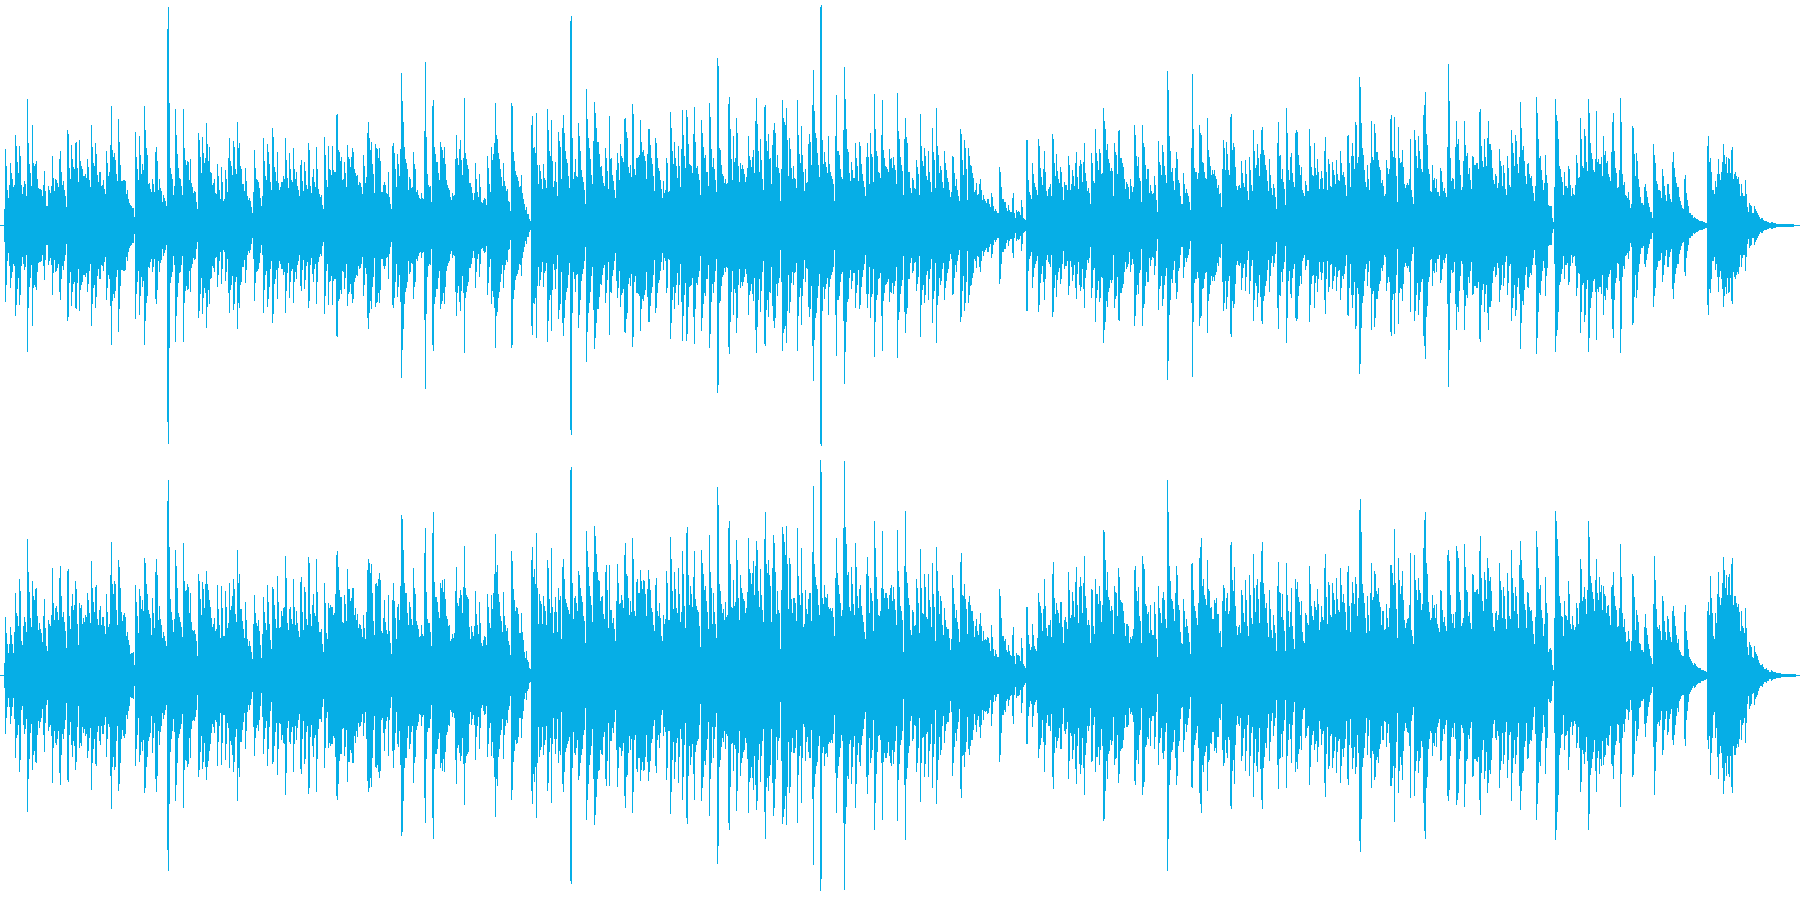 ギターデュオの生演奏による感動的な曲の再生済みの波形